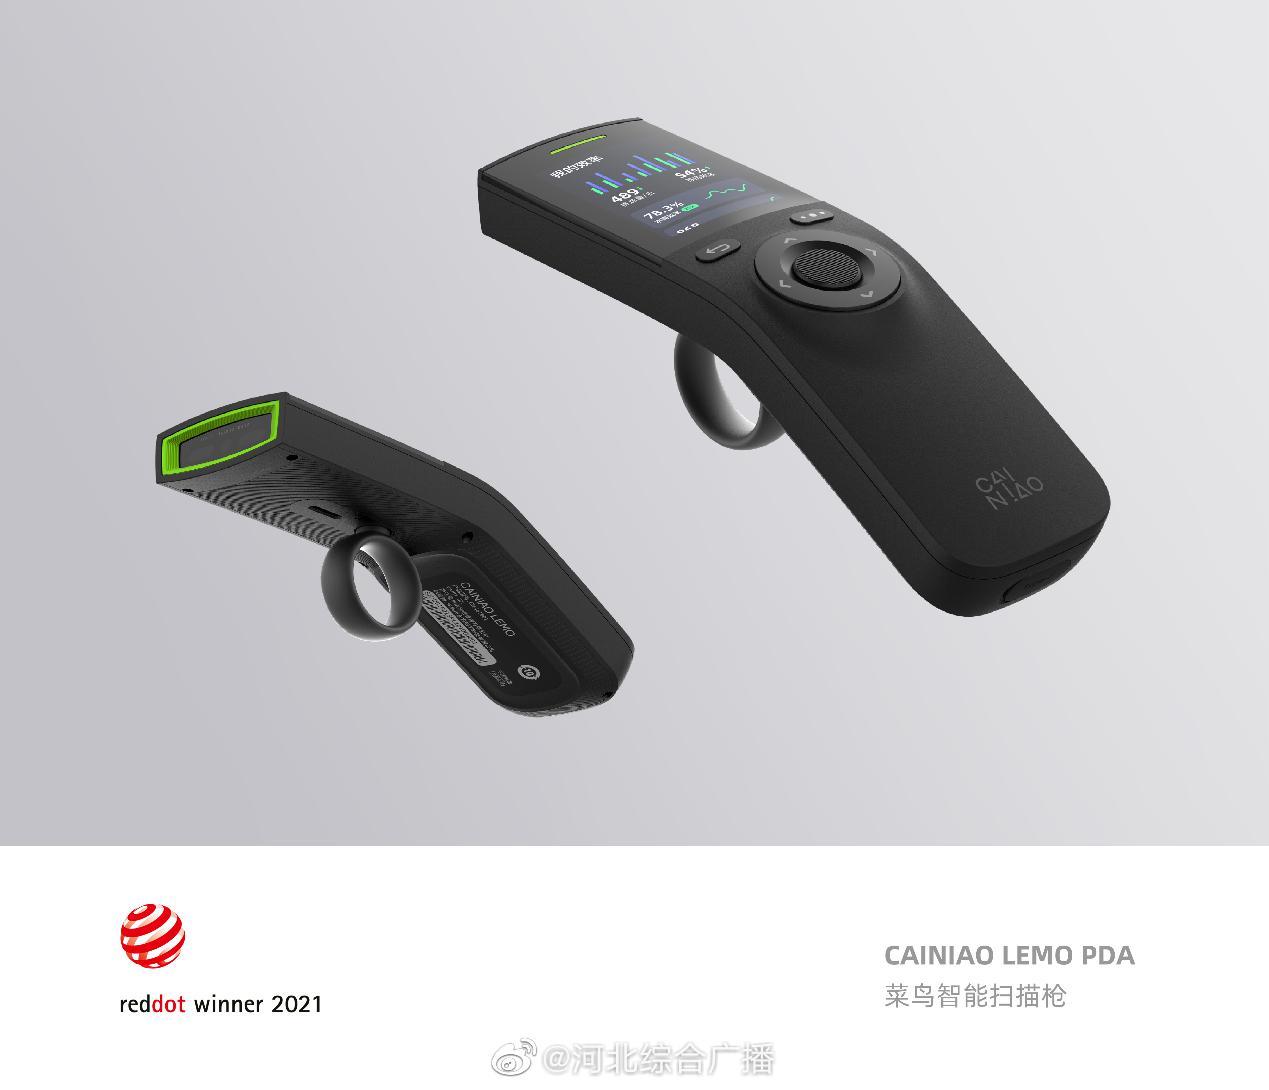 菜鸟LEMO PDA获德国红点大奖,助力中小企业数字化升级